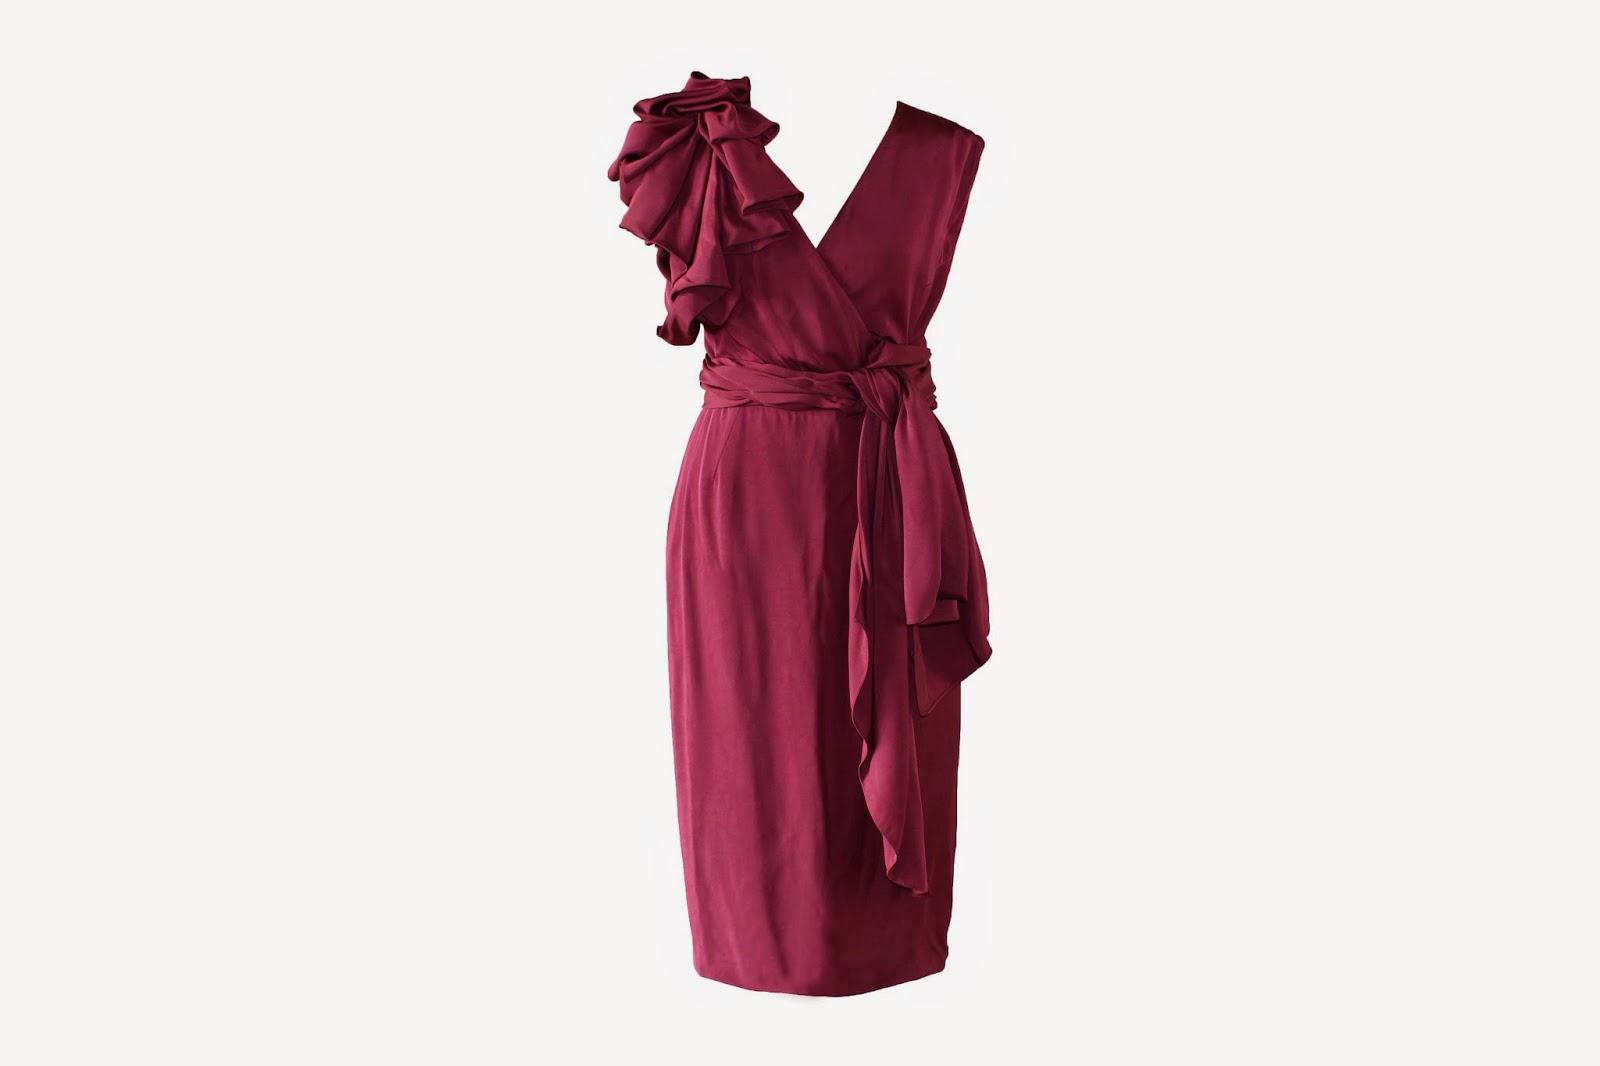 Vestido de María Barros disponible en Lamasmona.com